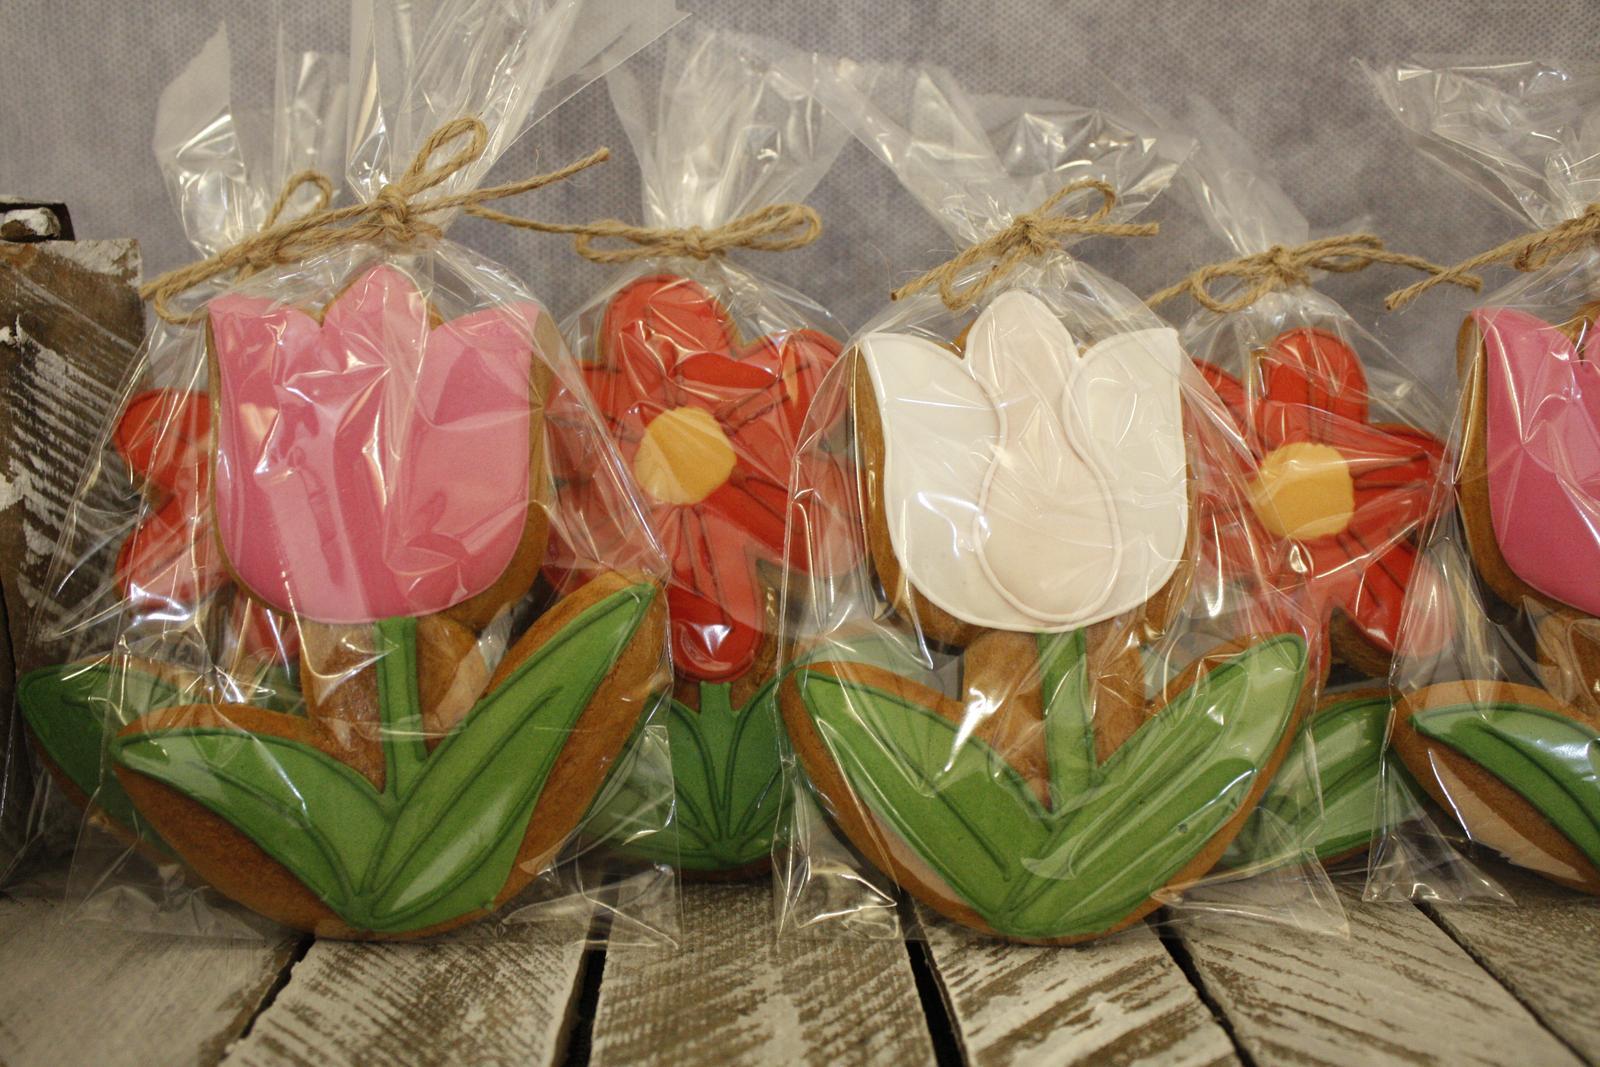 Renátka👰💗💗💗{{_AND_}}Tomáš💏💪💙💙💙 - darčeky pre deťušky...:) fb: Cukrú Cukrú